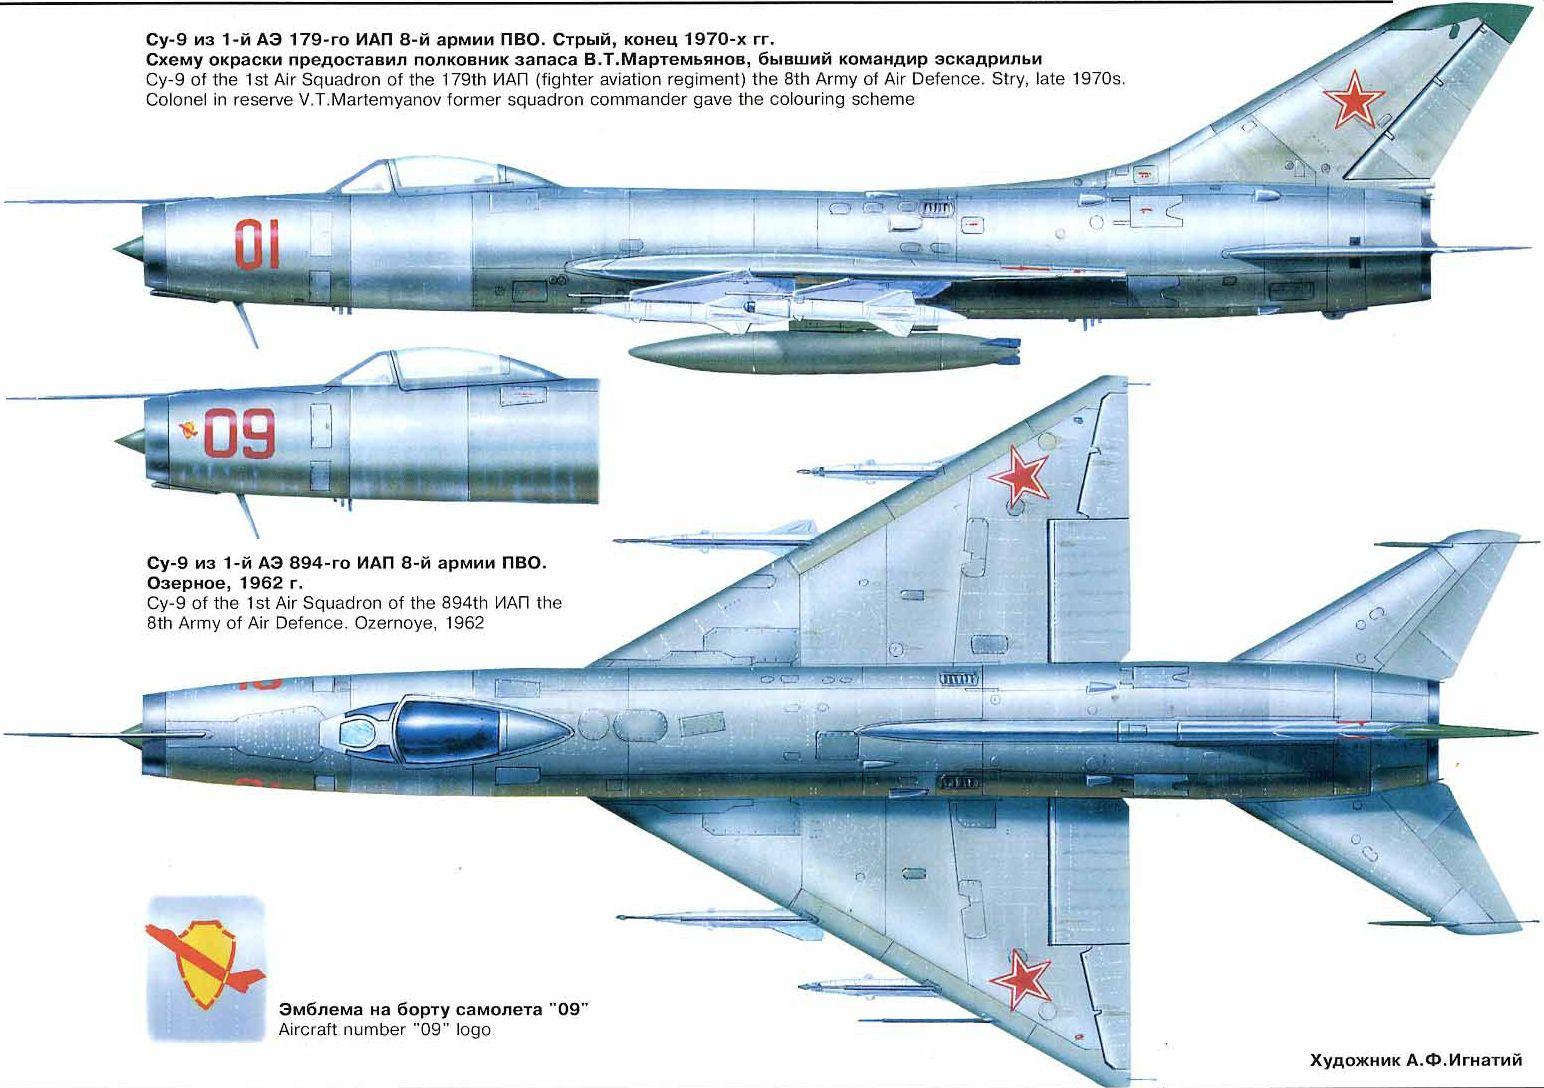 Схема окраски Су-9